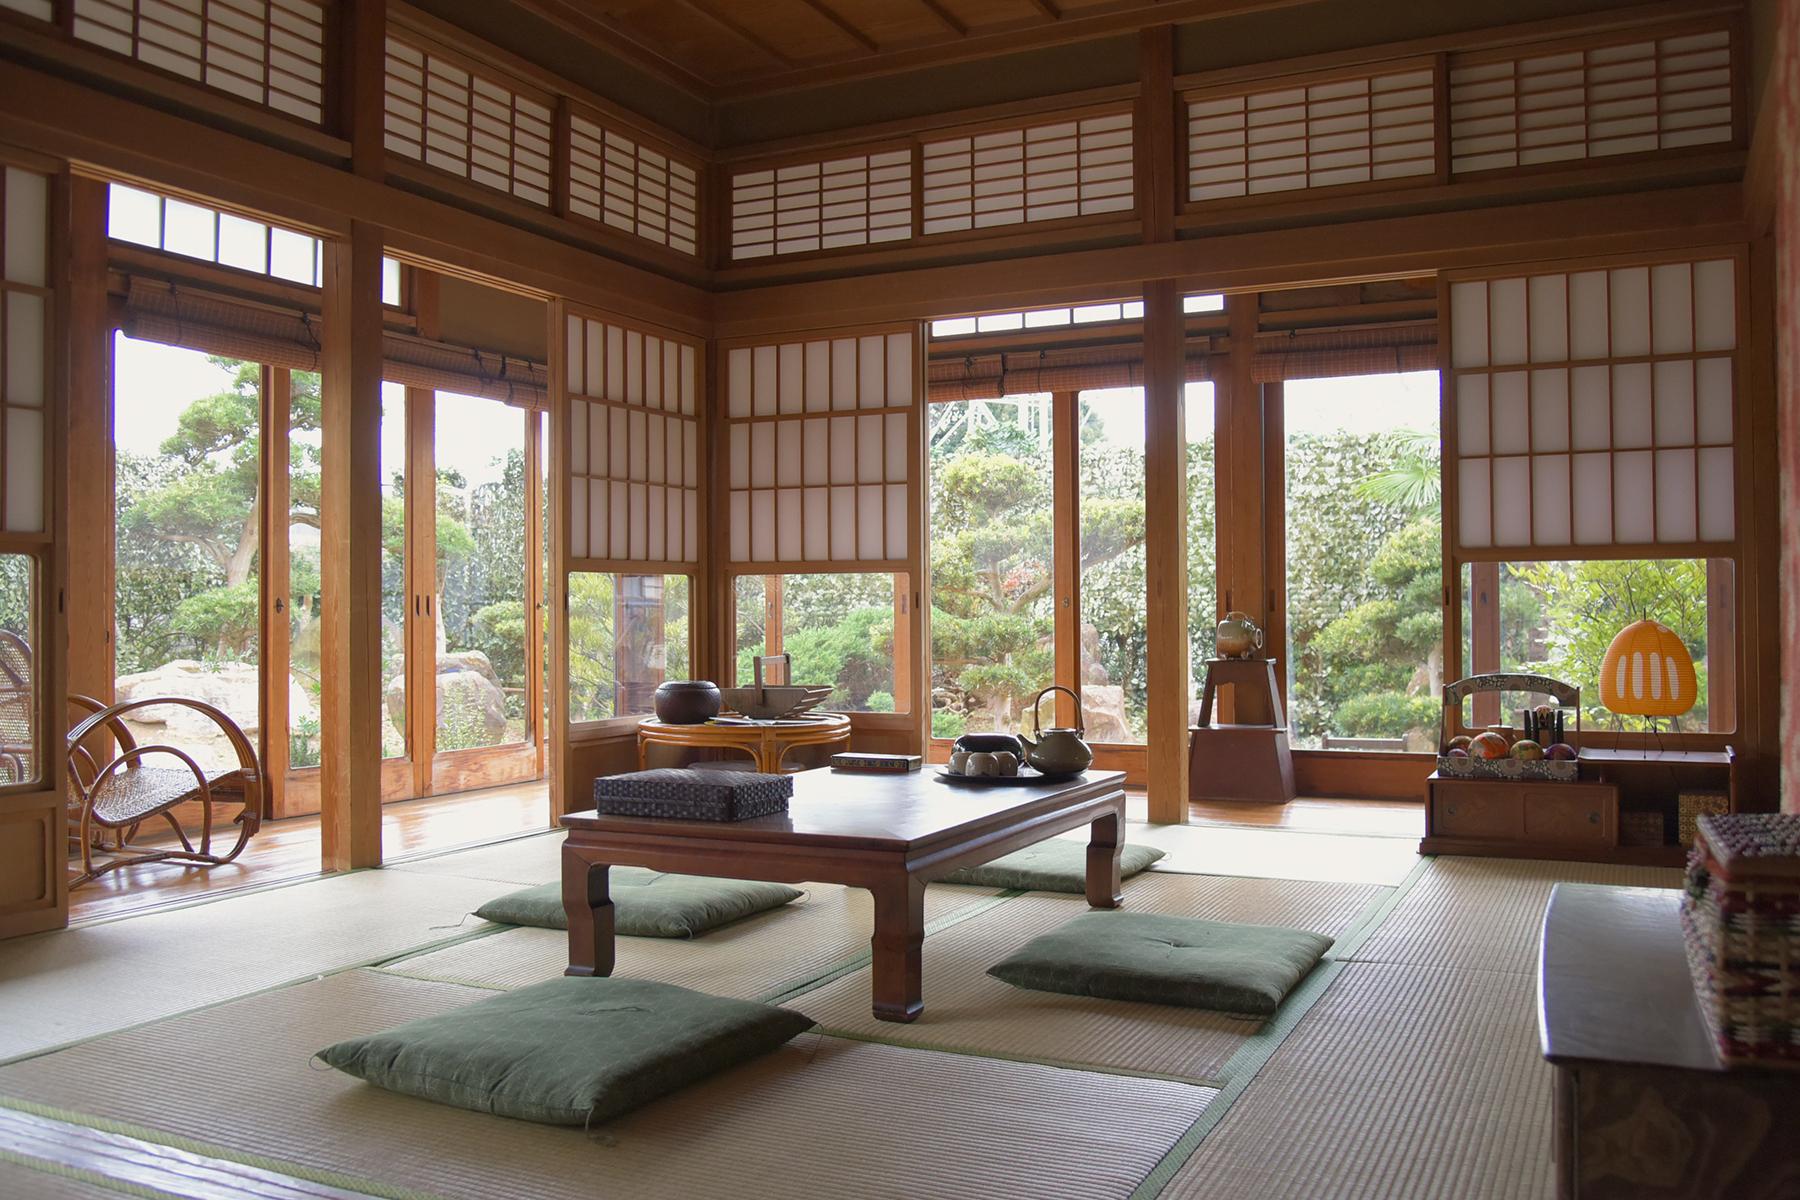 佐倉スタジオ (サクラ スタジオ)居間 洋風の設え